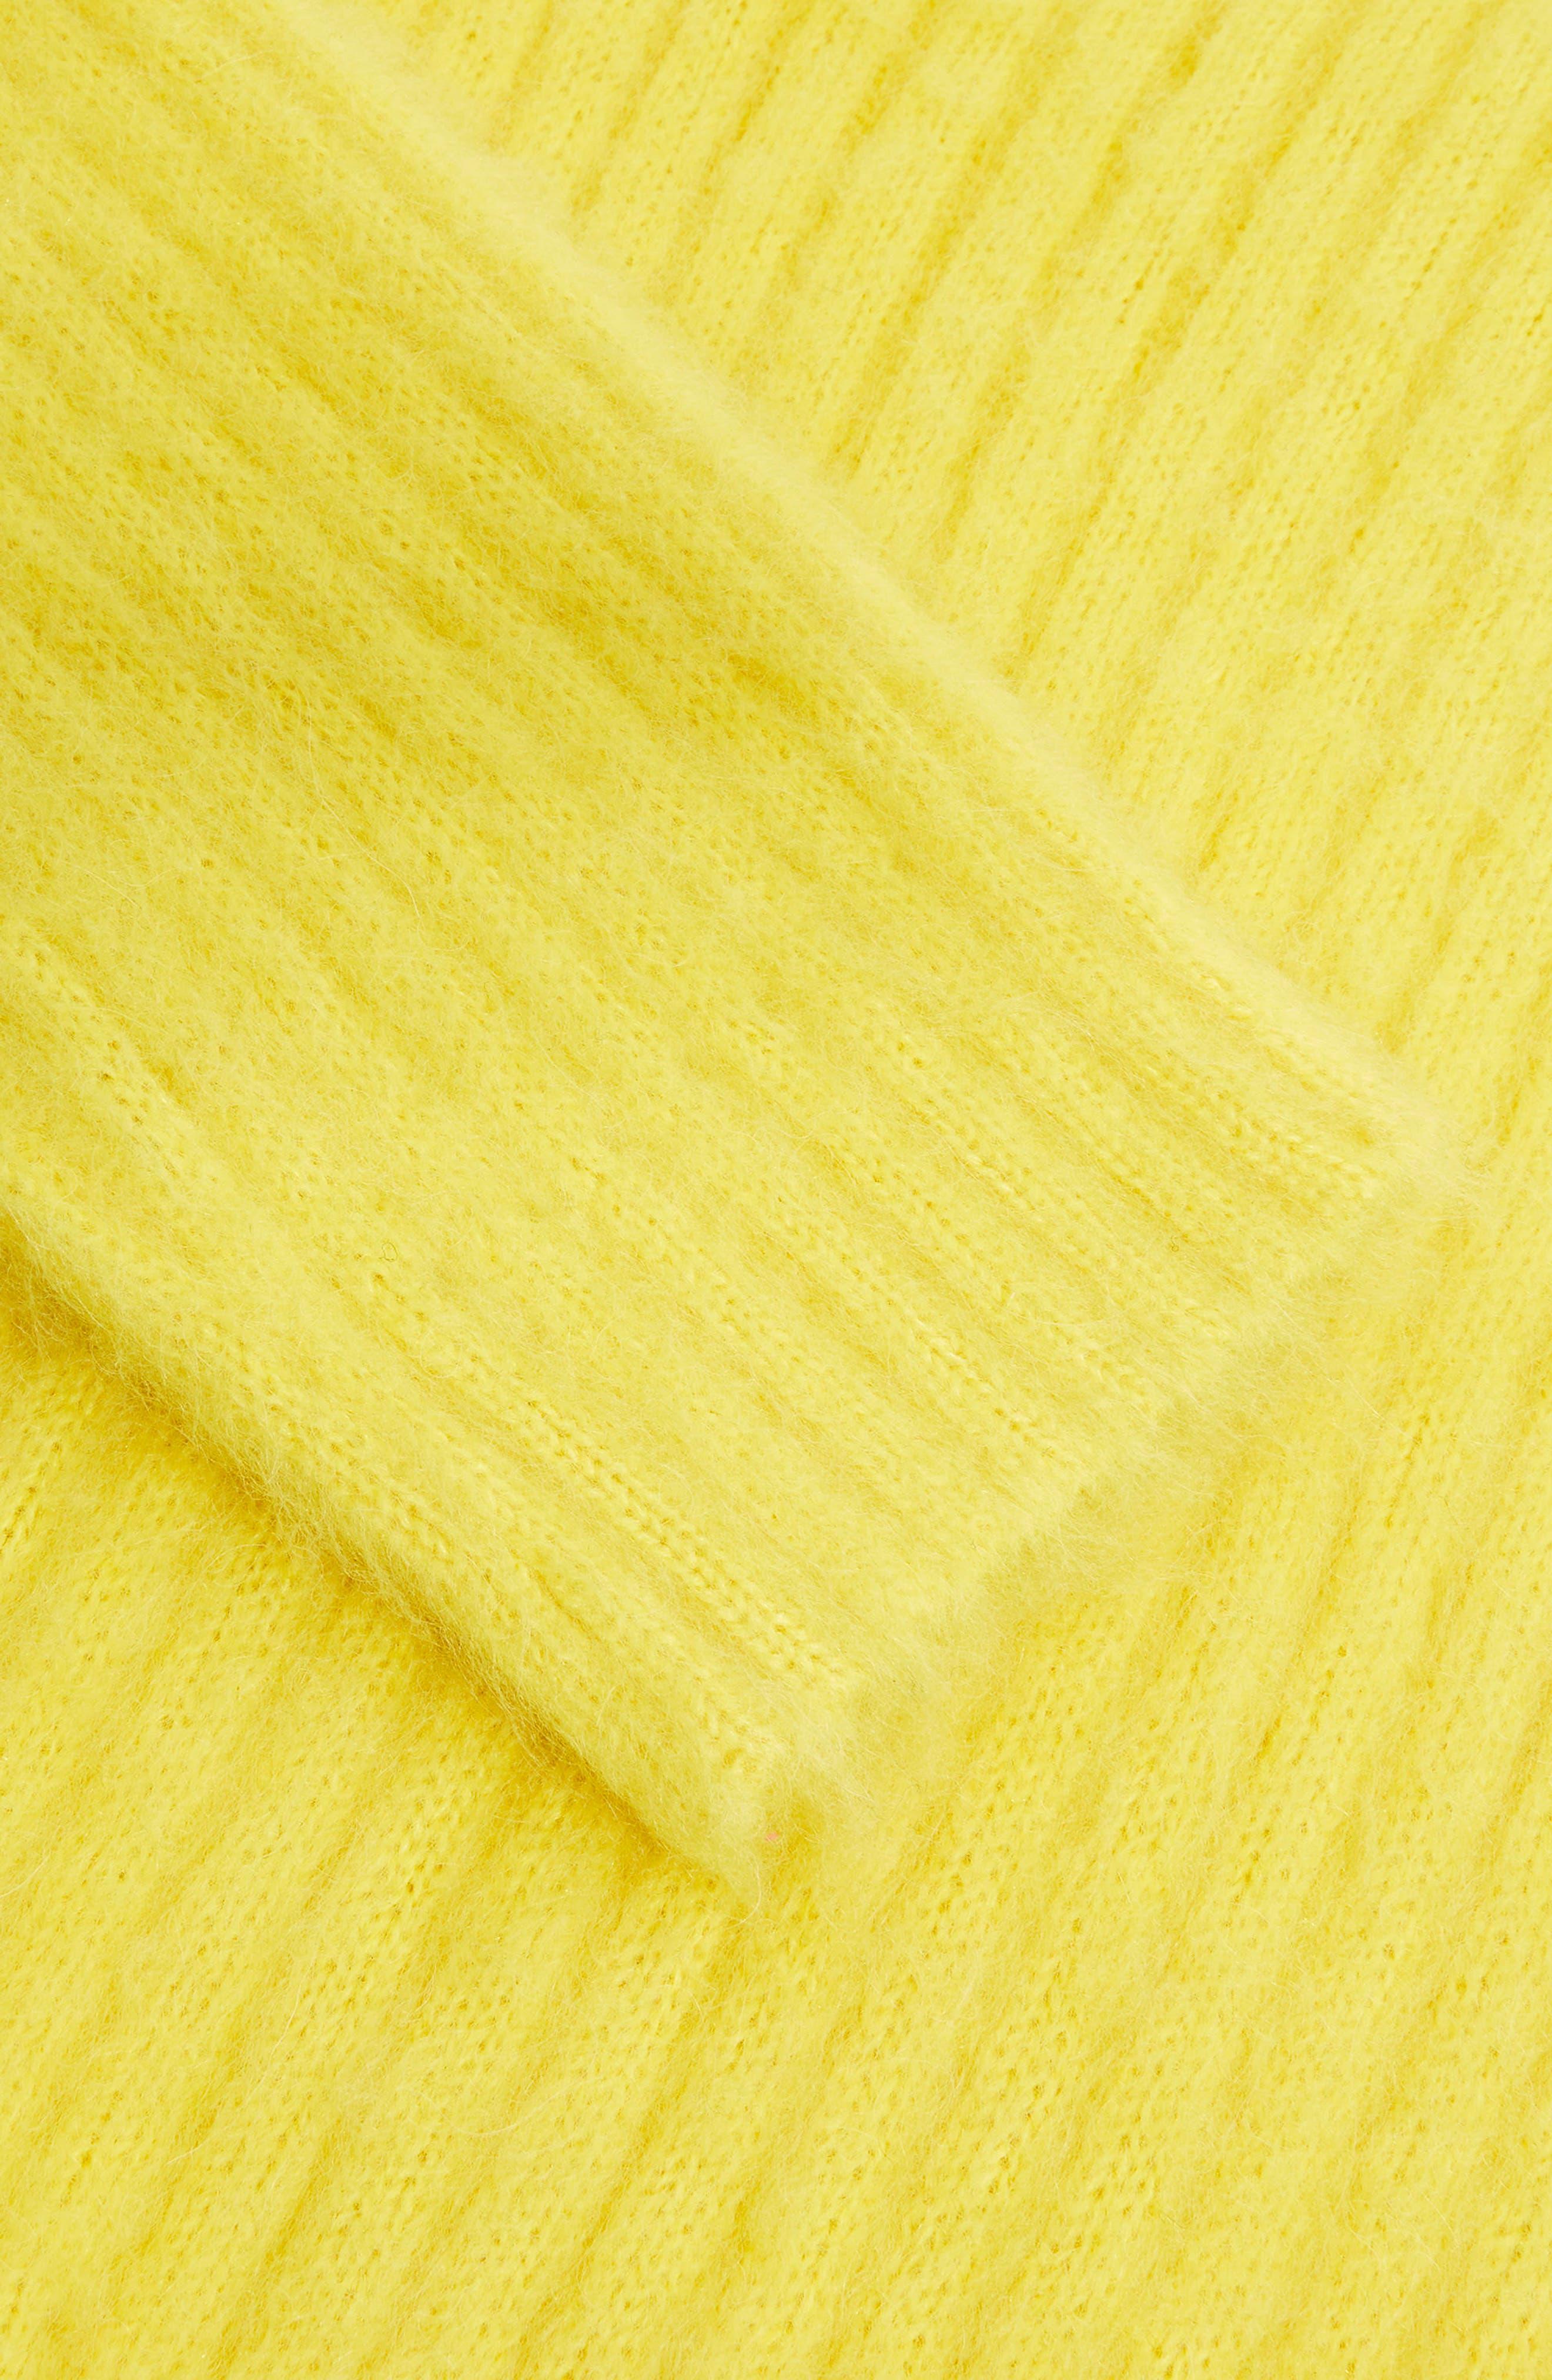 V-Neck Rib Sweater,                             Alternate thumbnail 8, color,                             700